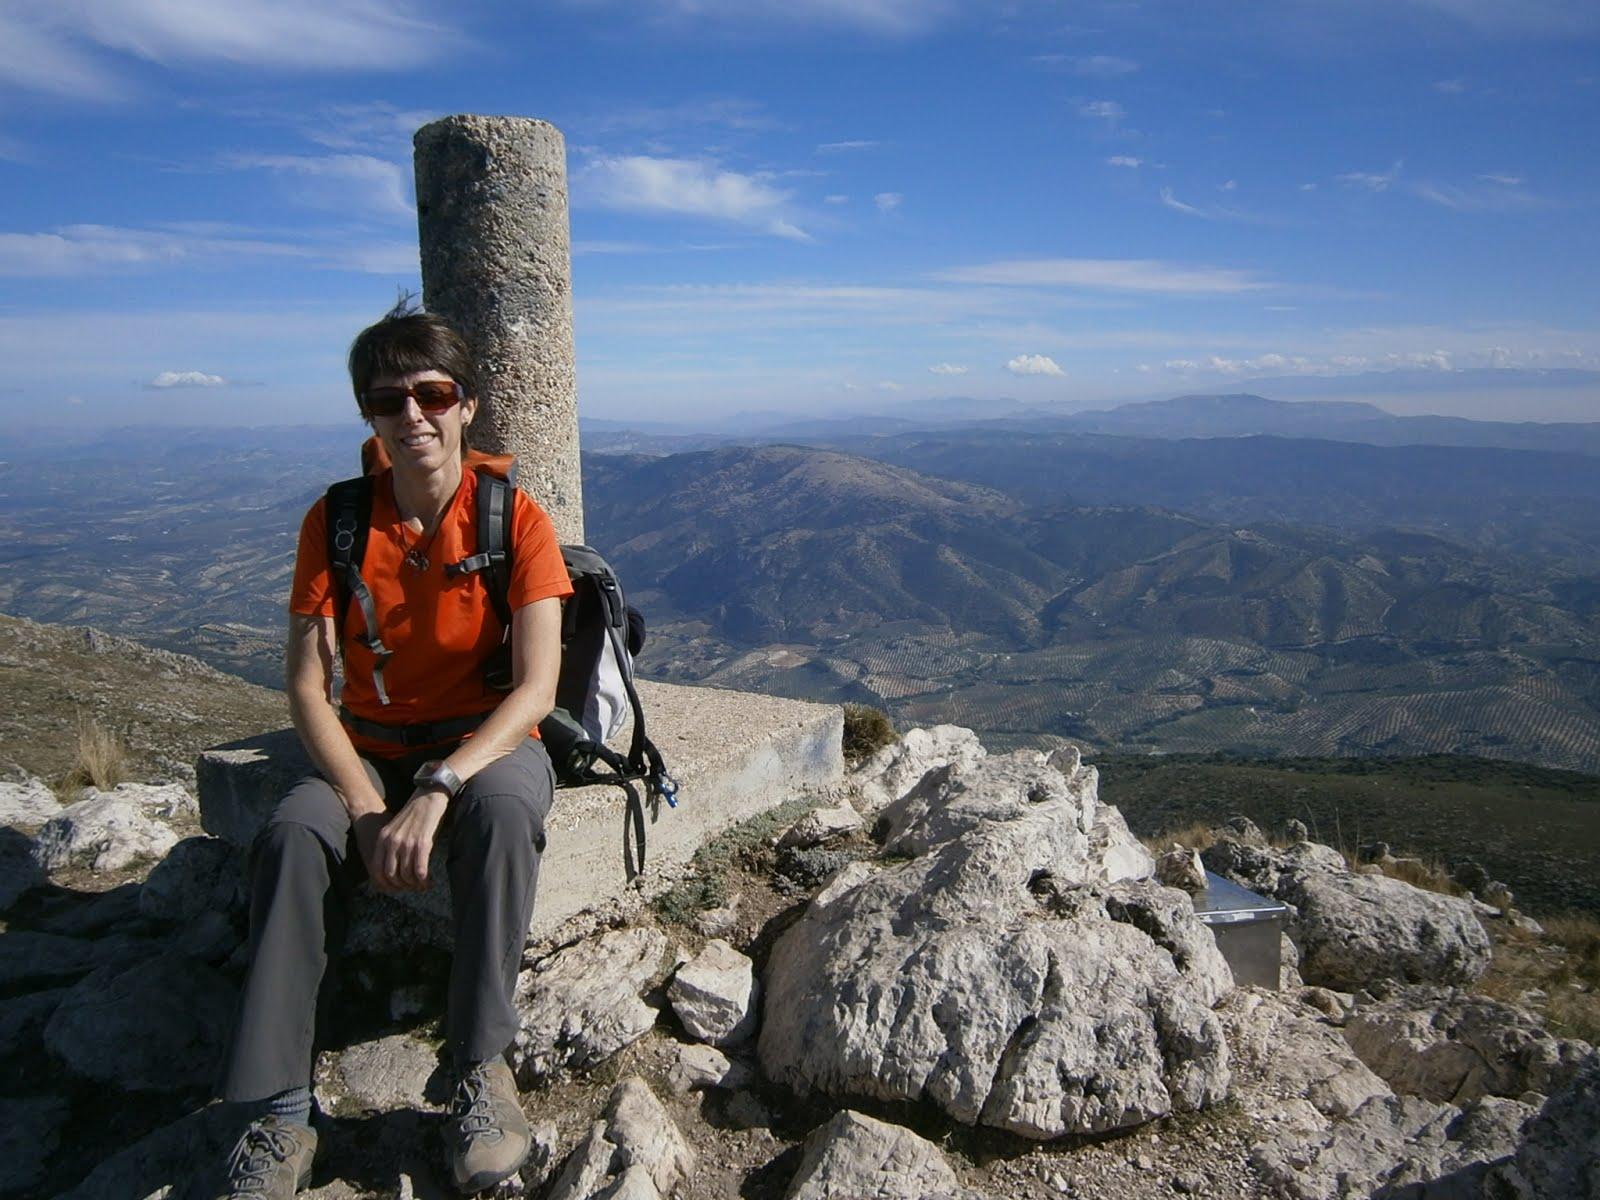 Cumbre del Tiñosa, Córdoba